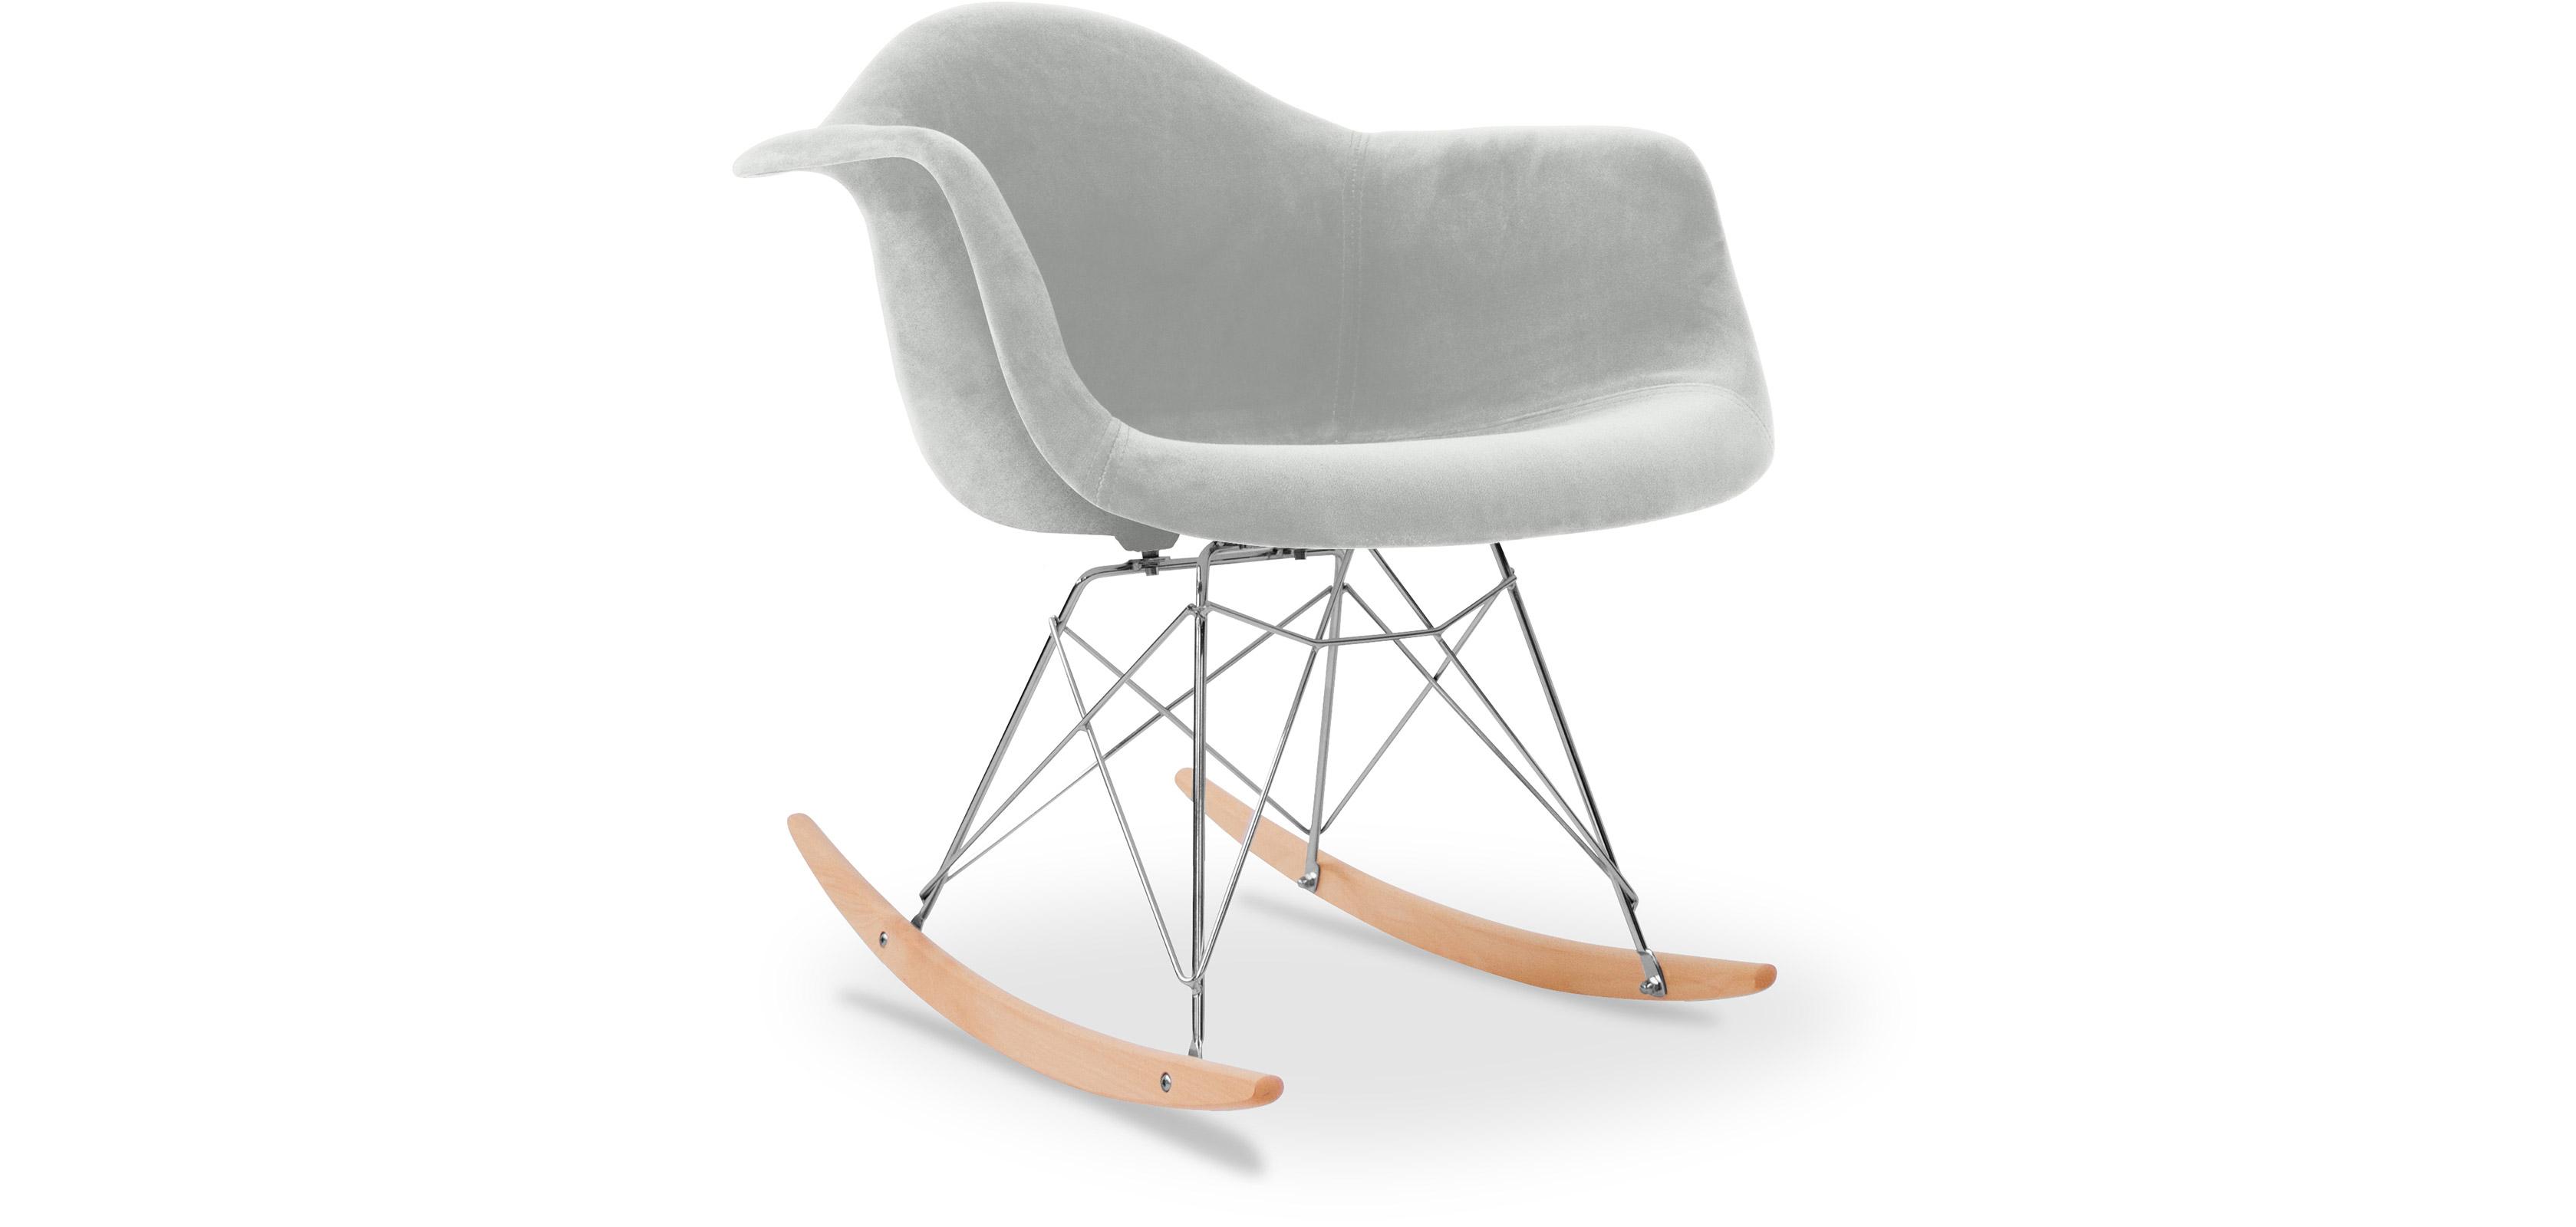 Chaise A Bascule Rar Charles Eames